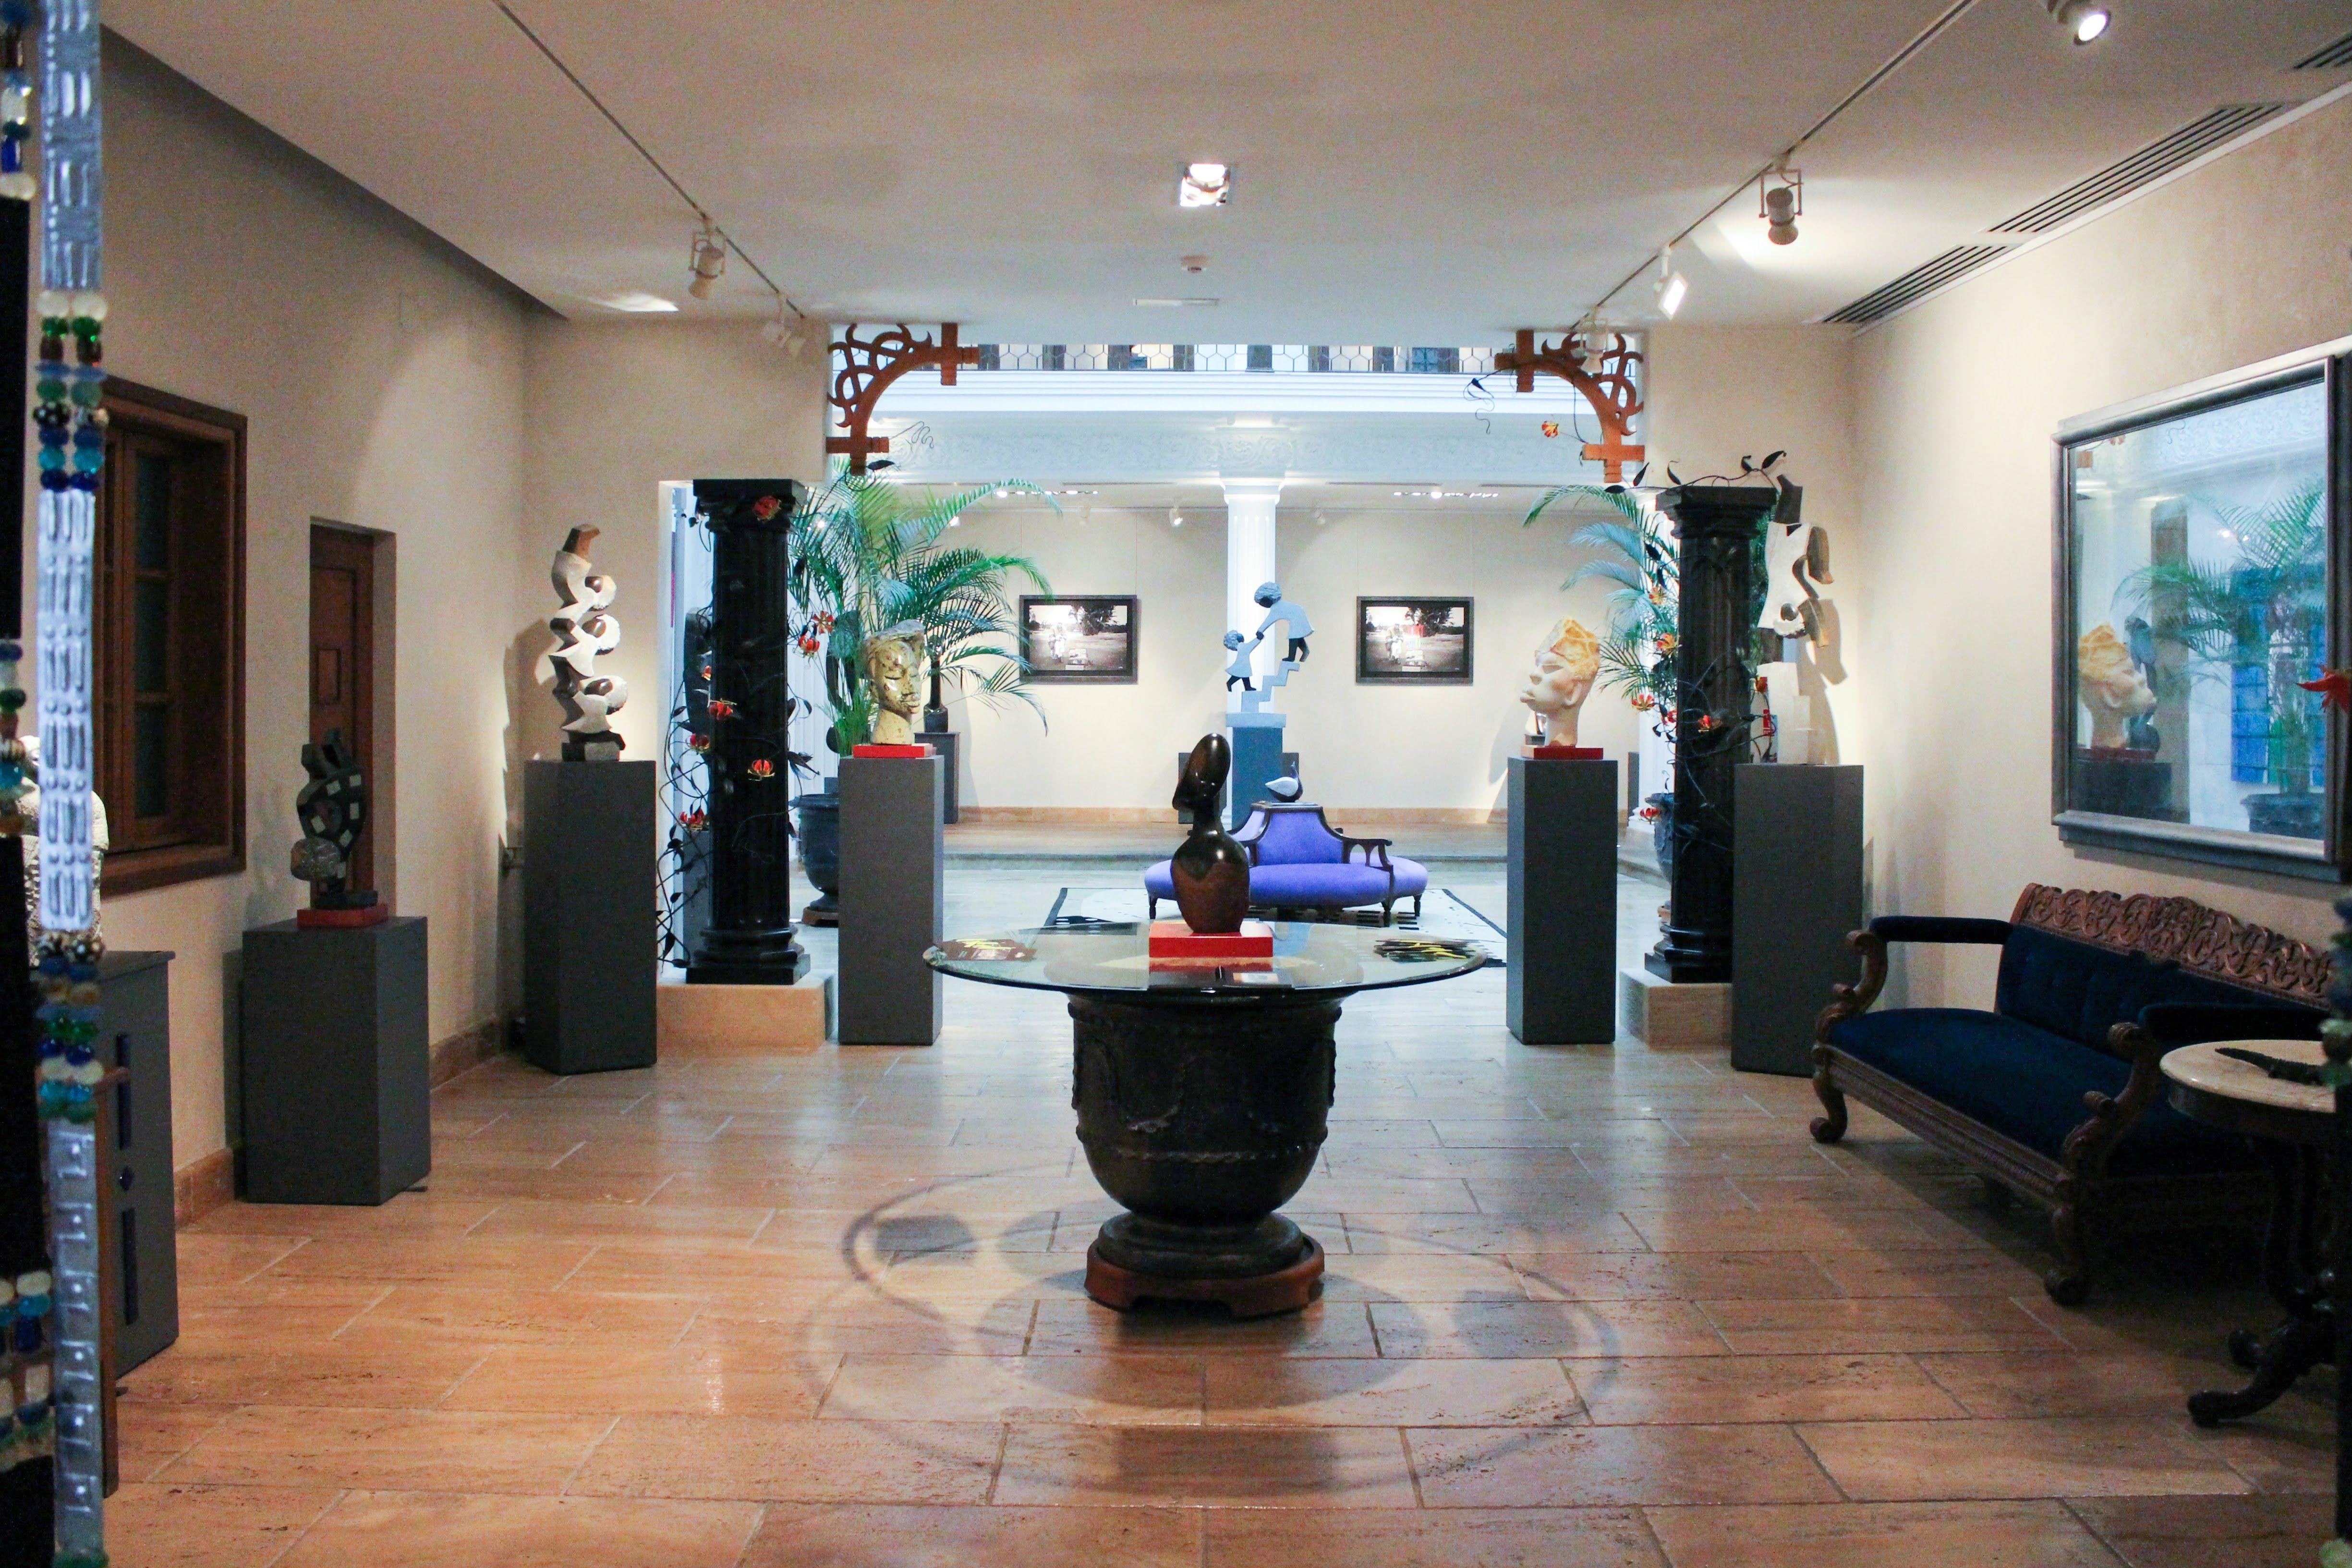 Foto 3 de African art gallery en Madrid | Gazzambo Gallery